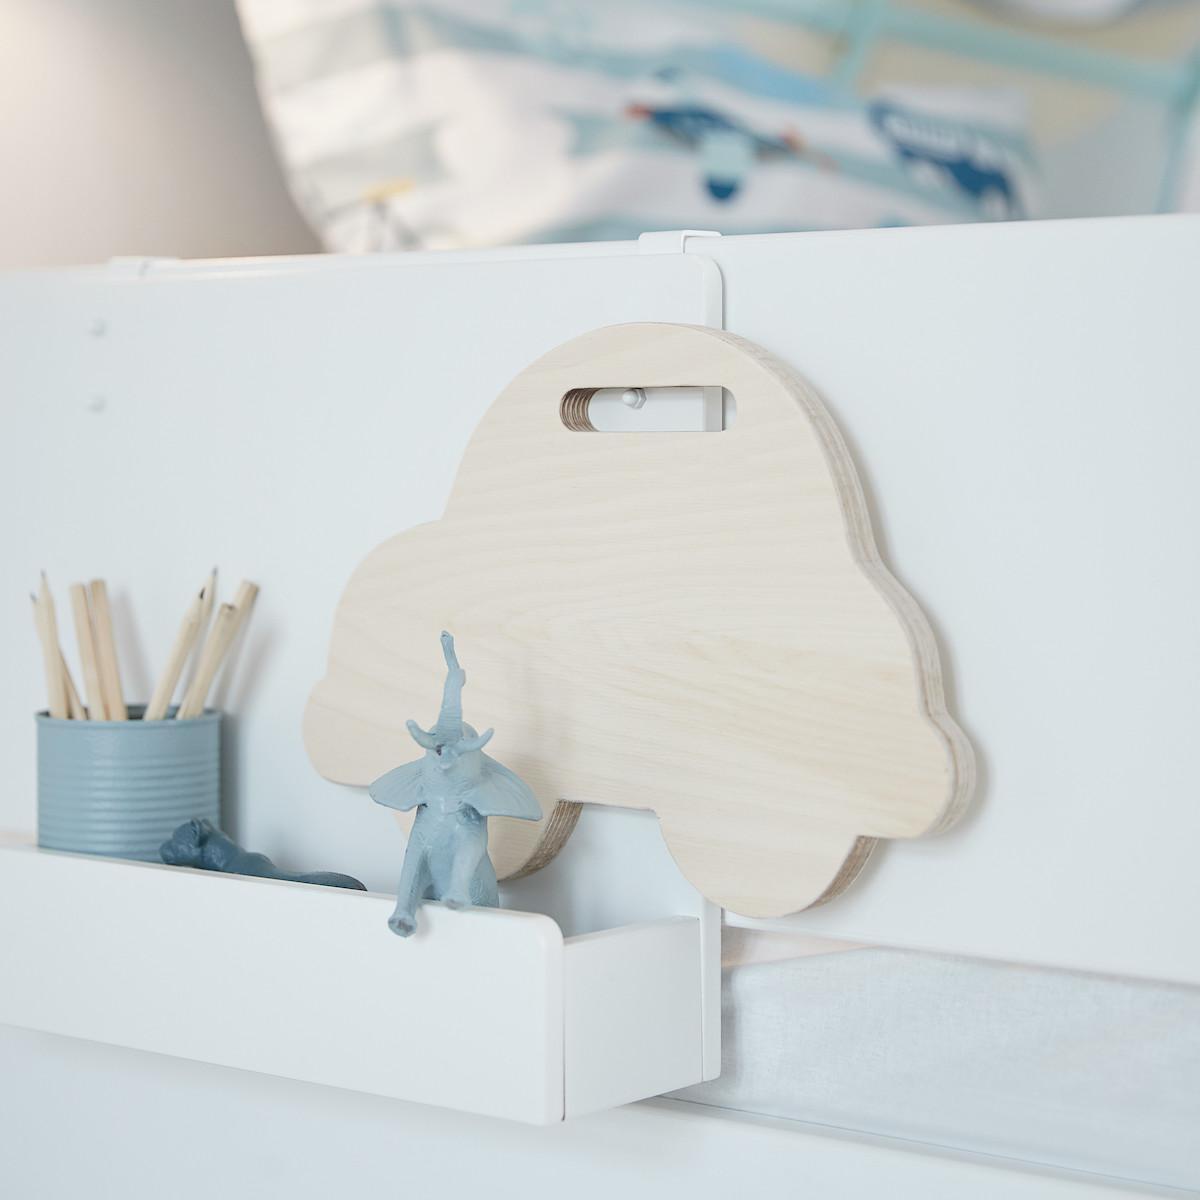 Buchregal für White Betten oder Wandbefestigung CLICKON by Flexa